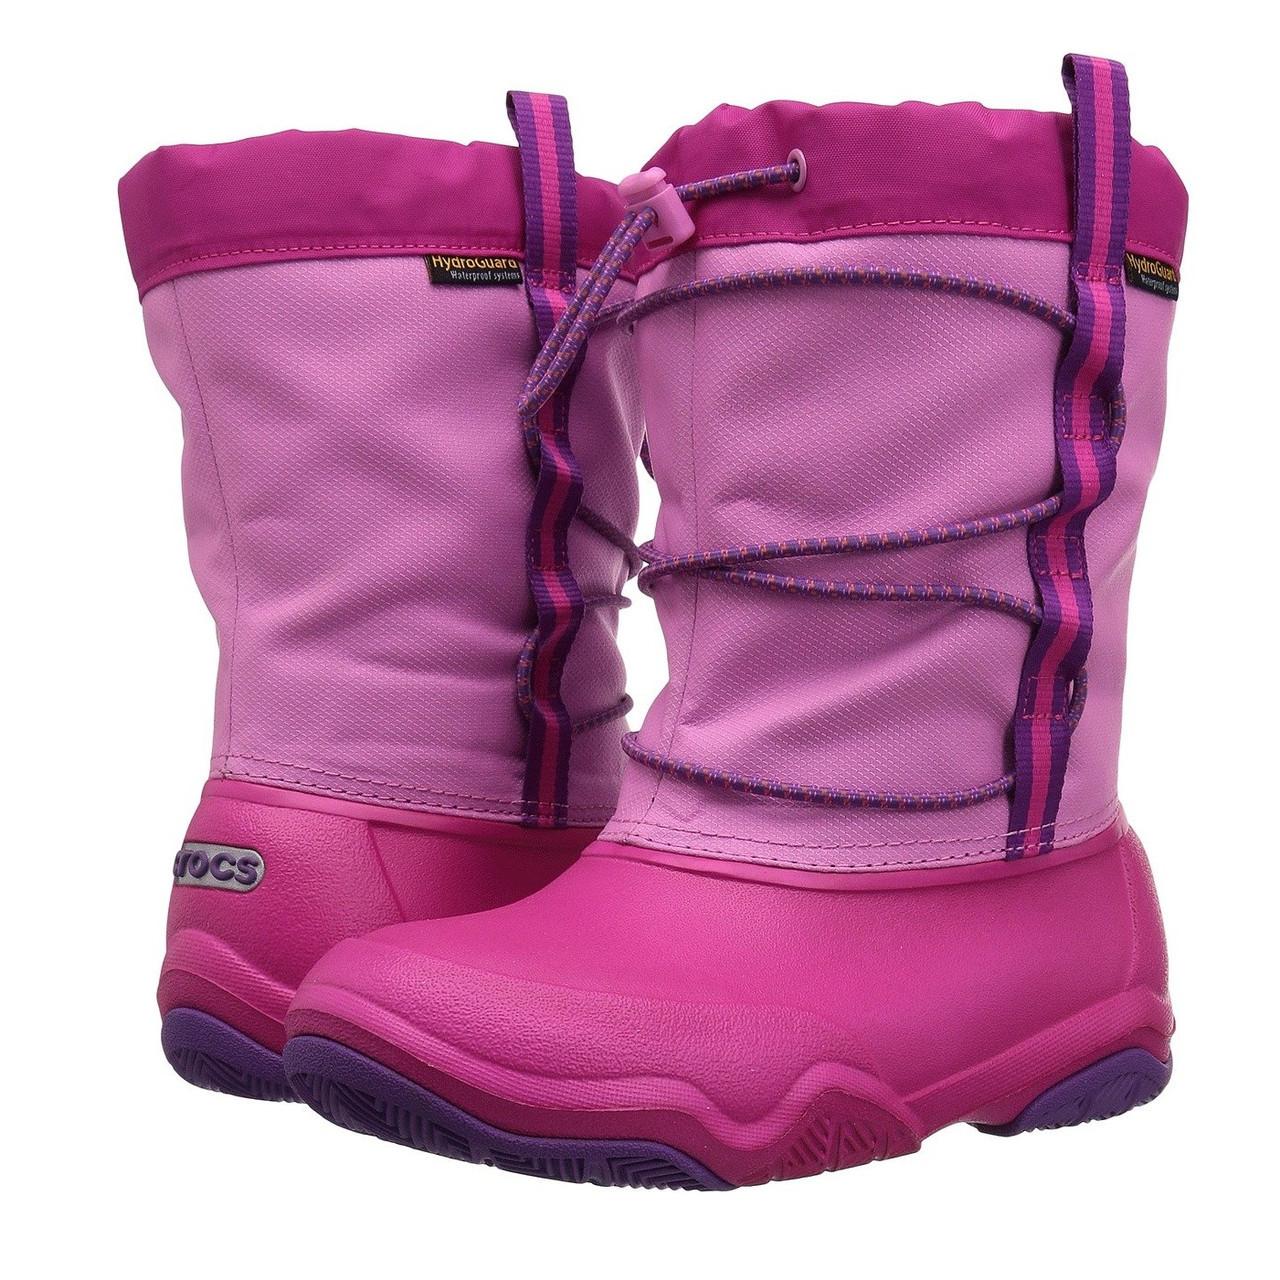 Сапоги зимние для девочки Crocs Kids Swiftwater Waterproof Boot / сноубутсы непромокаемые с затяжкой